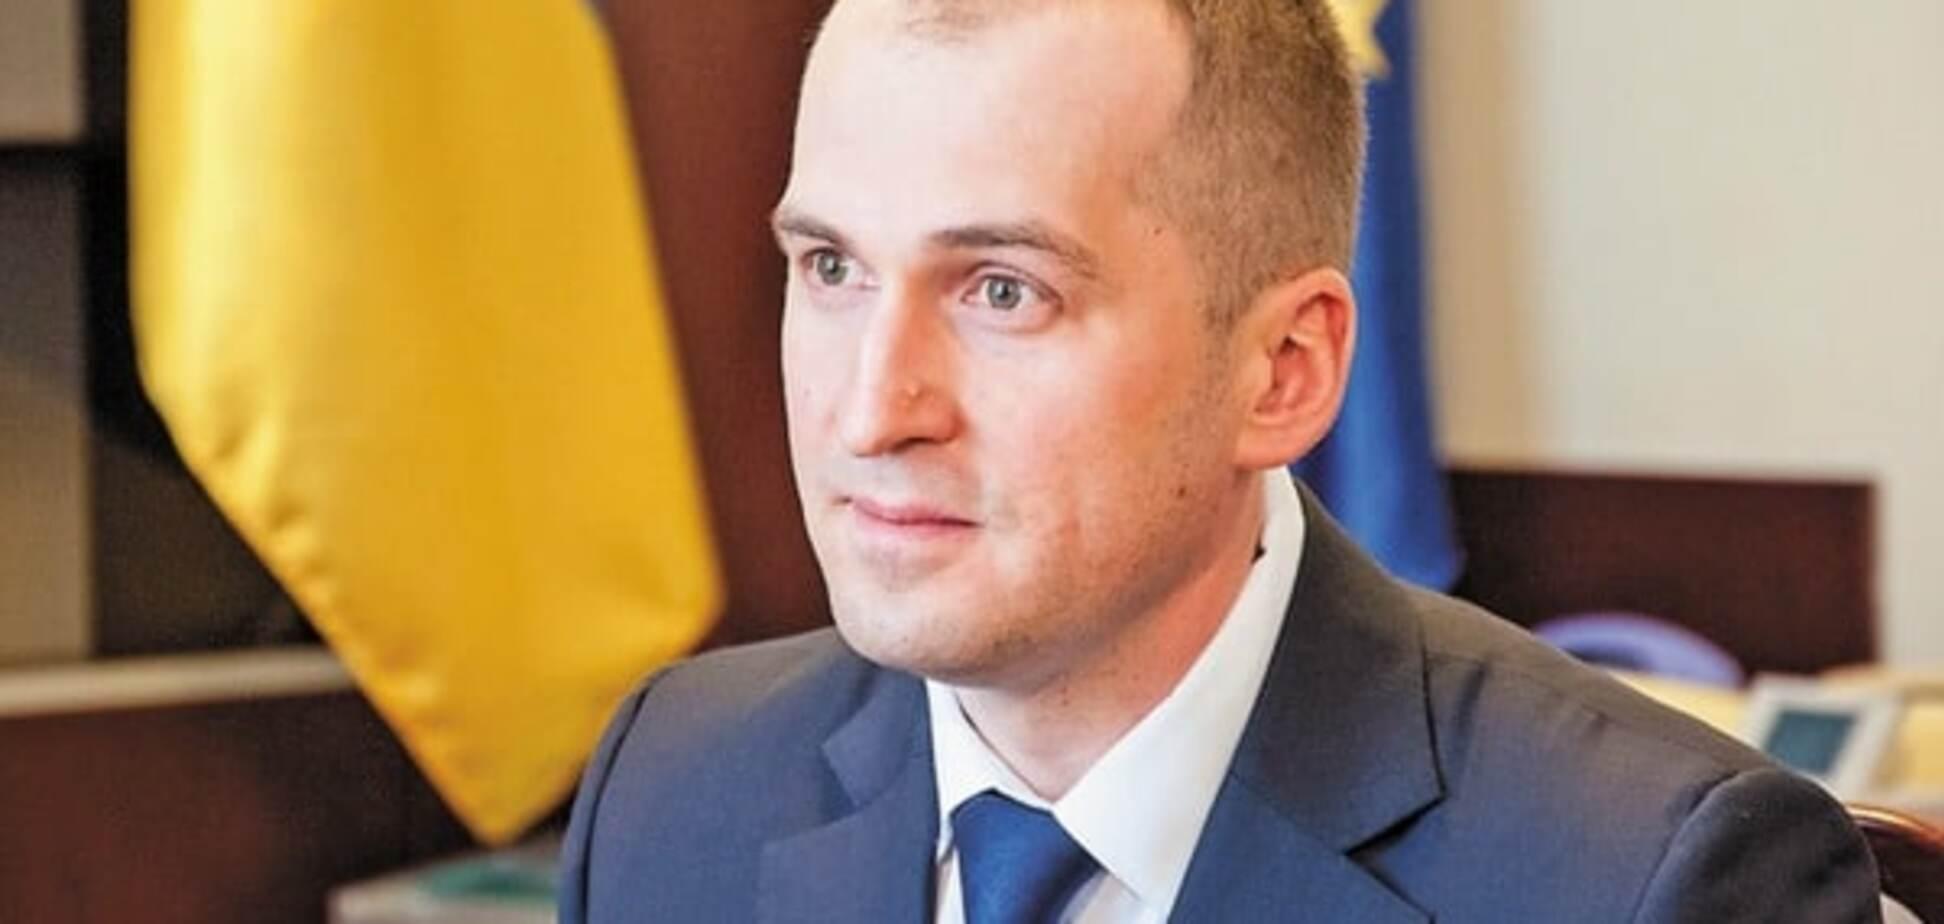 Павленко рассказал, какие украинские товары ждут в Европе: инфографика